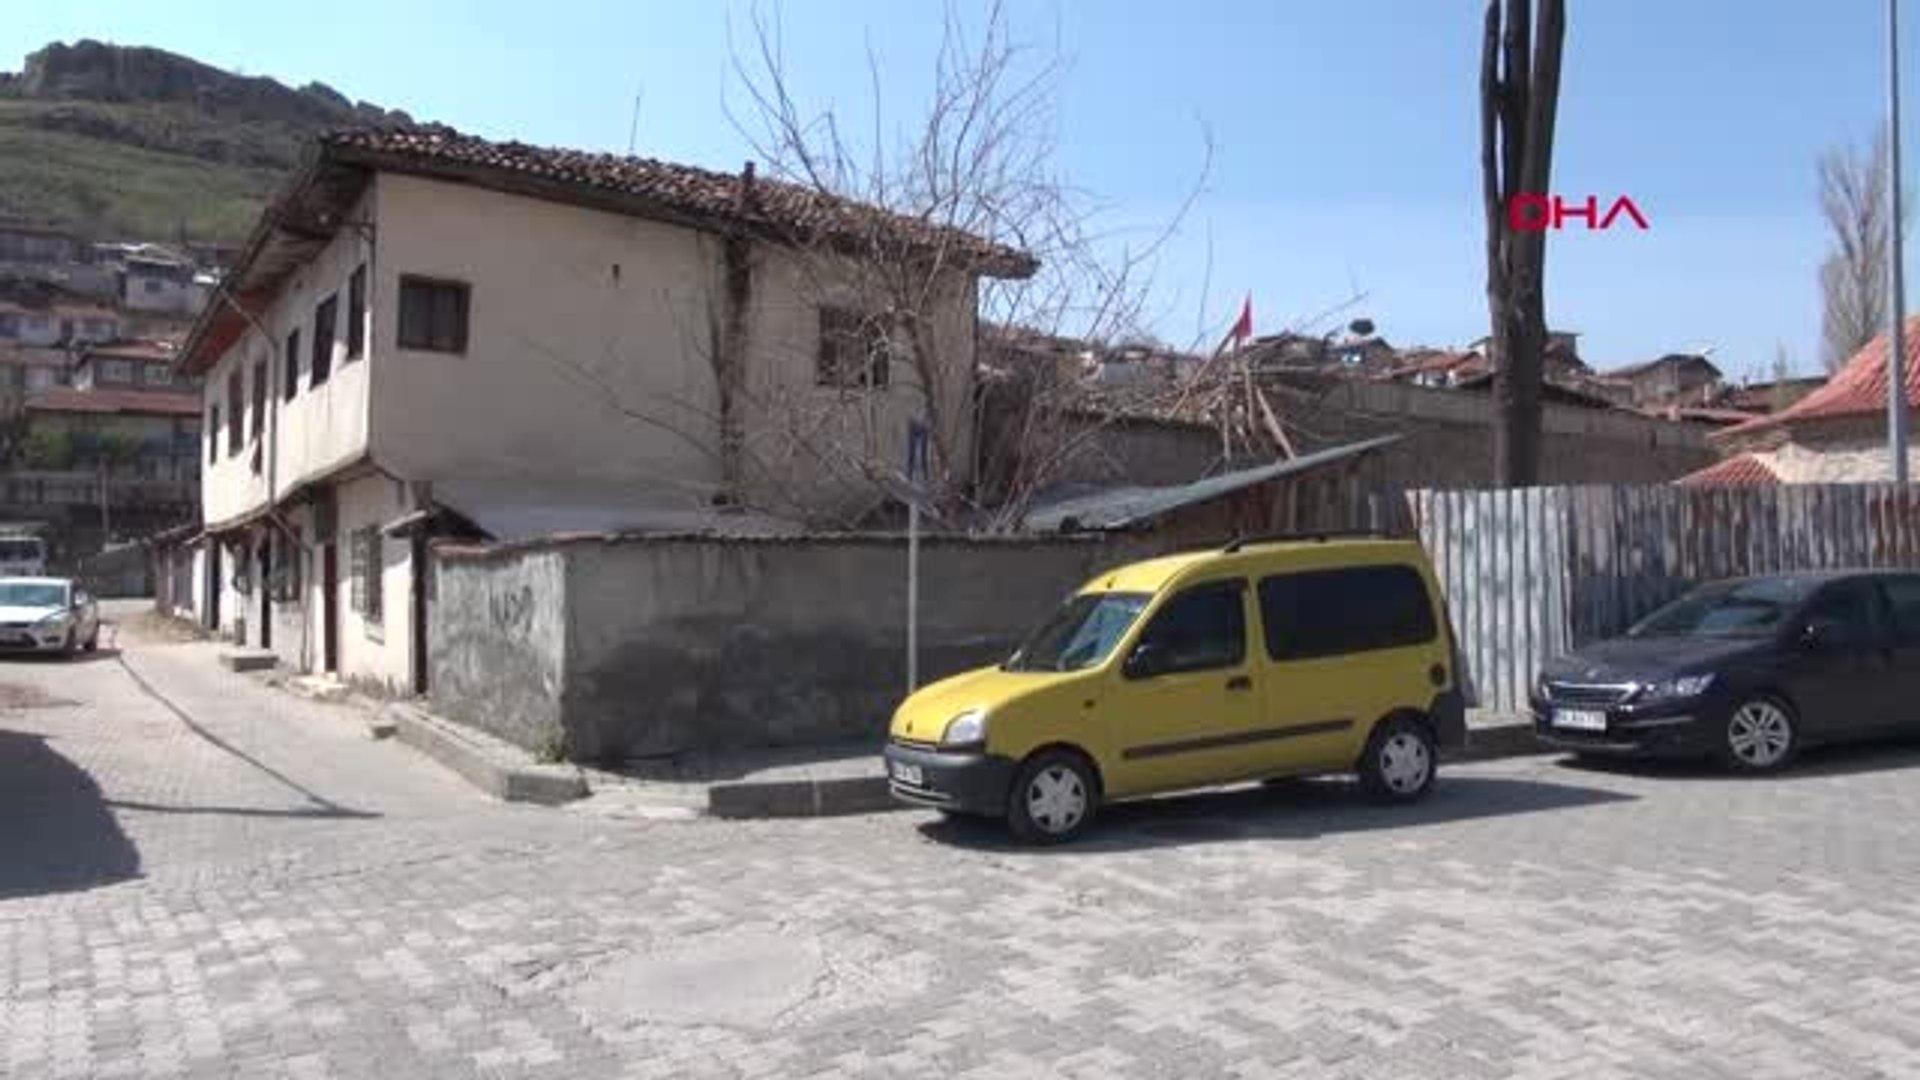 Tokat Cinayet Sonucu Kapatılan Tarihi Hamam, Restorasyona Alındı